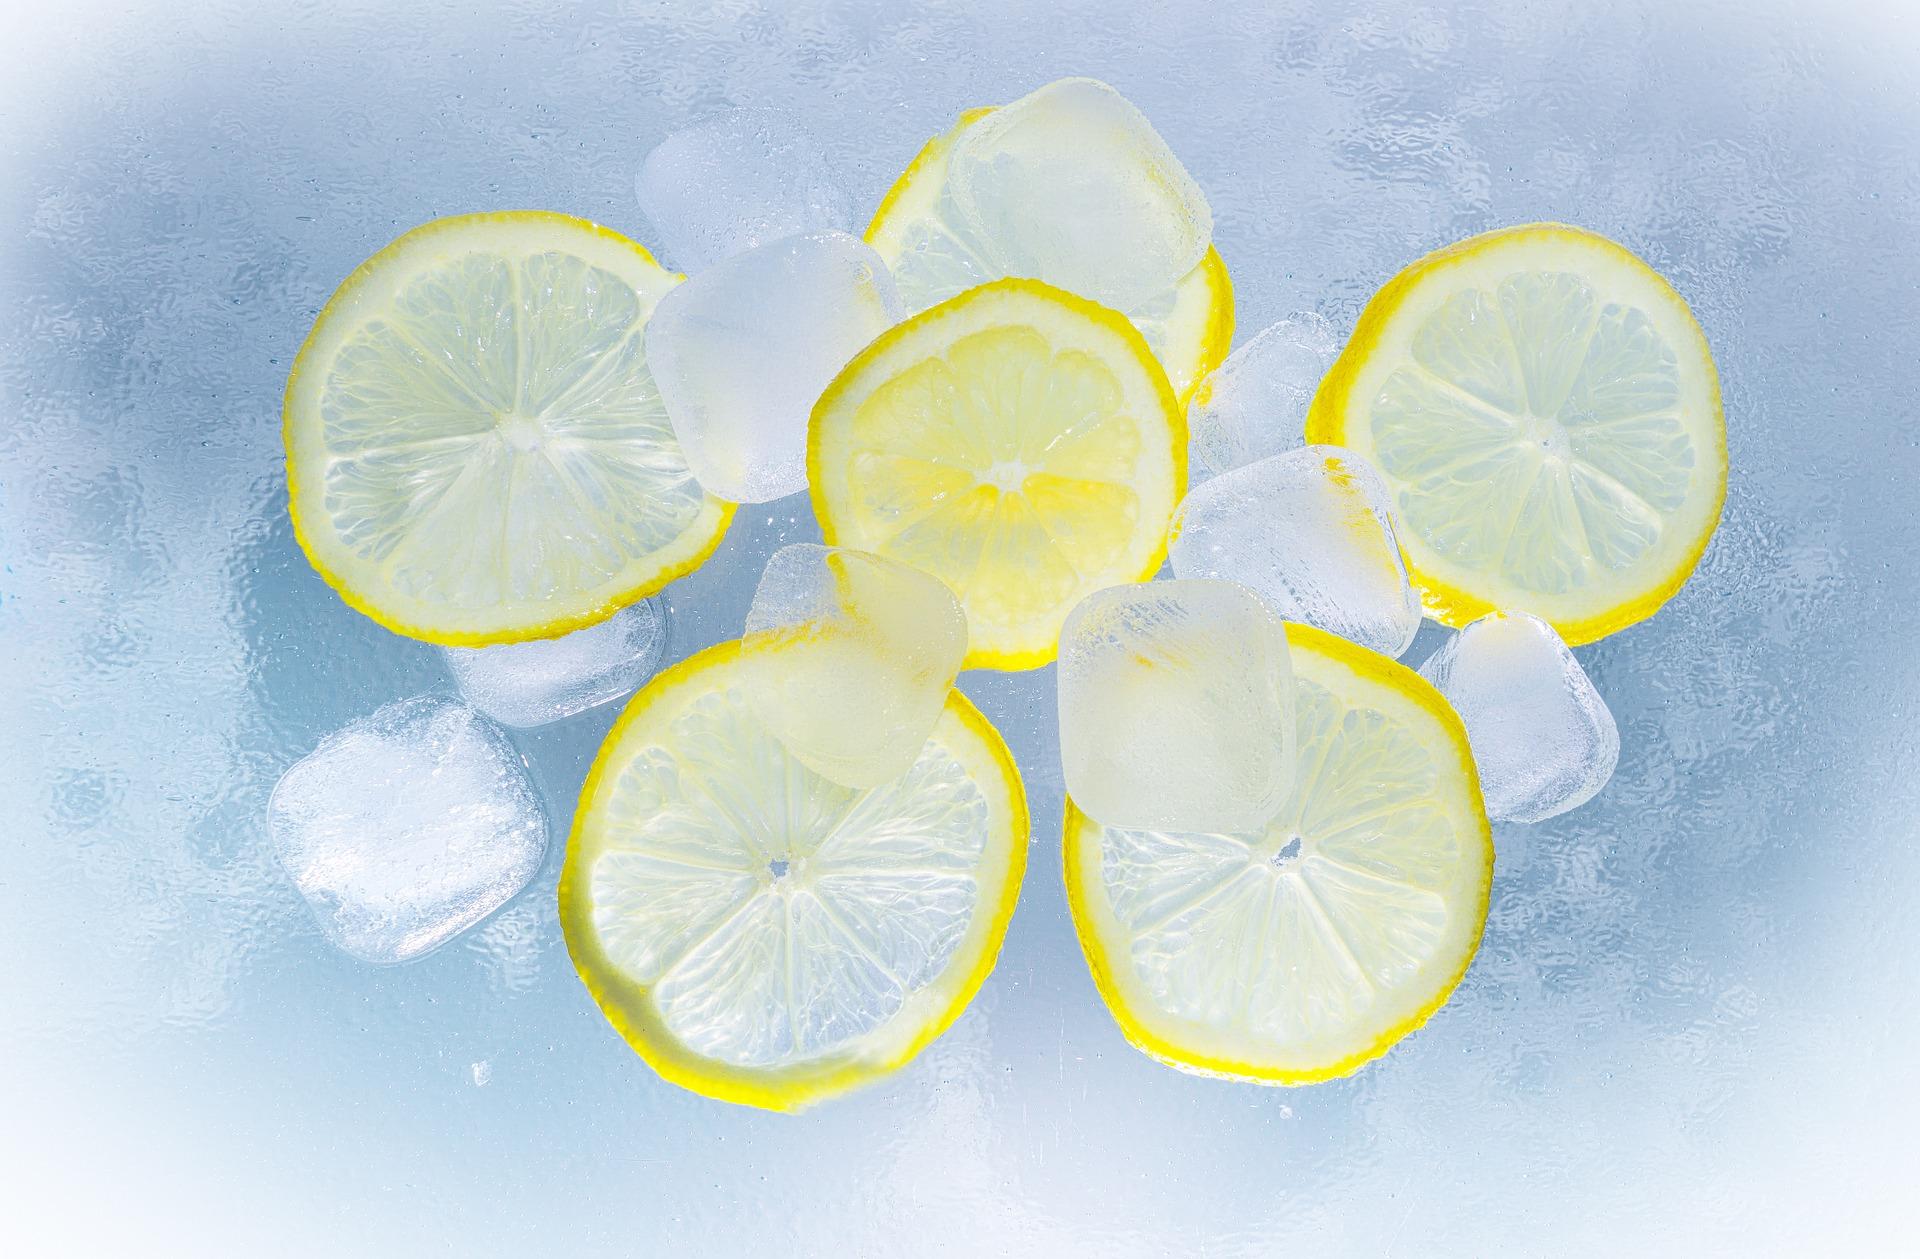 塩レモンの効果・効能をチェック!塩レモンの作り方やドリンクにする使い方